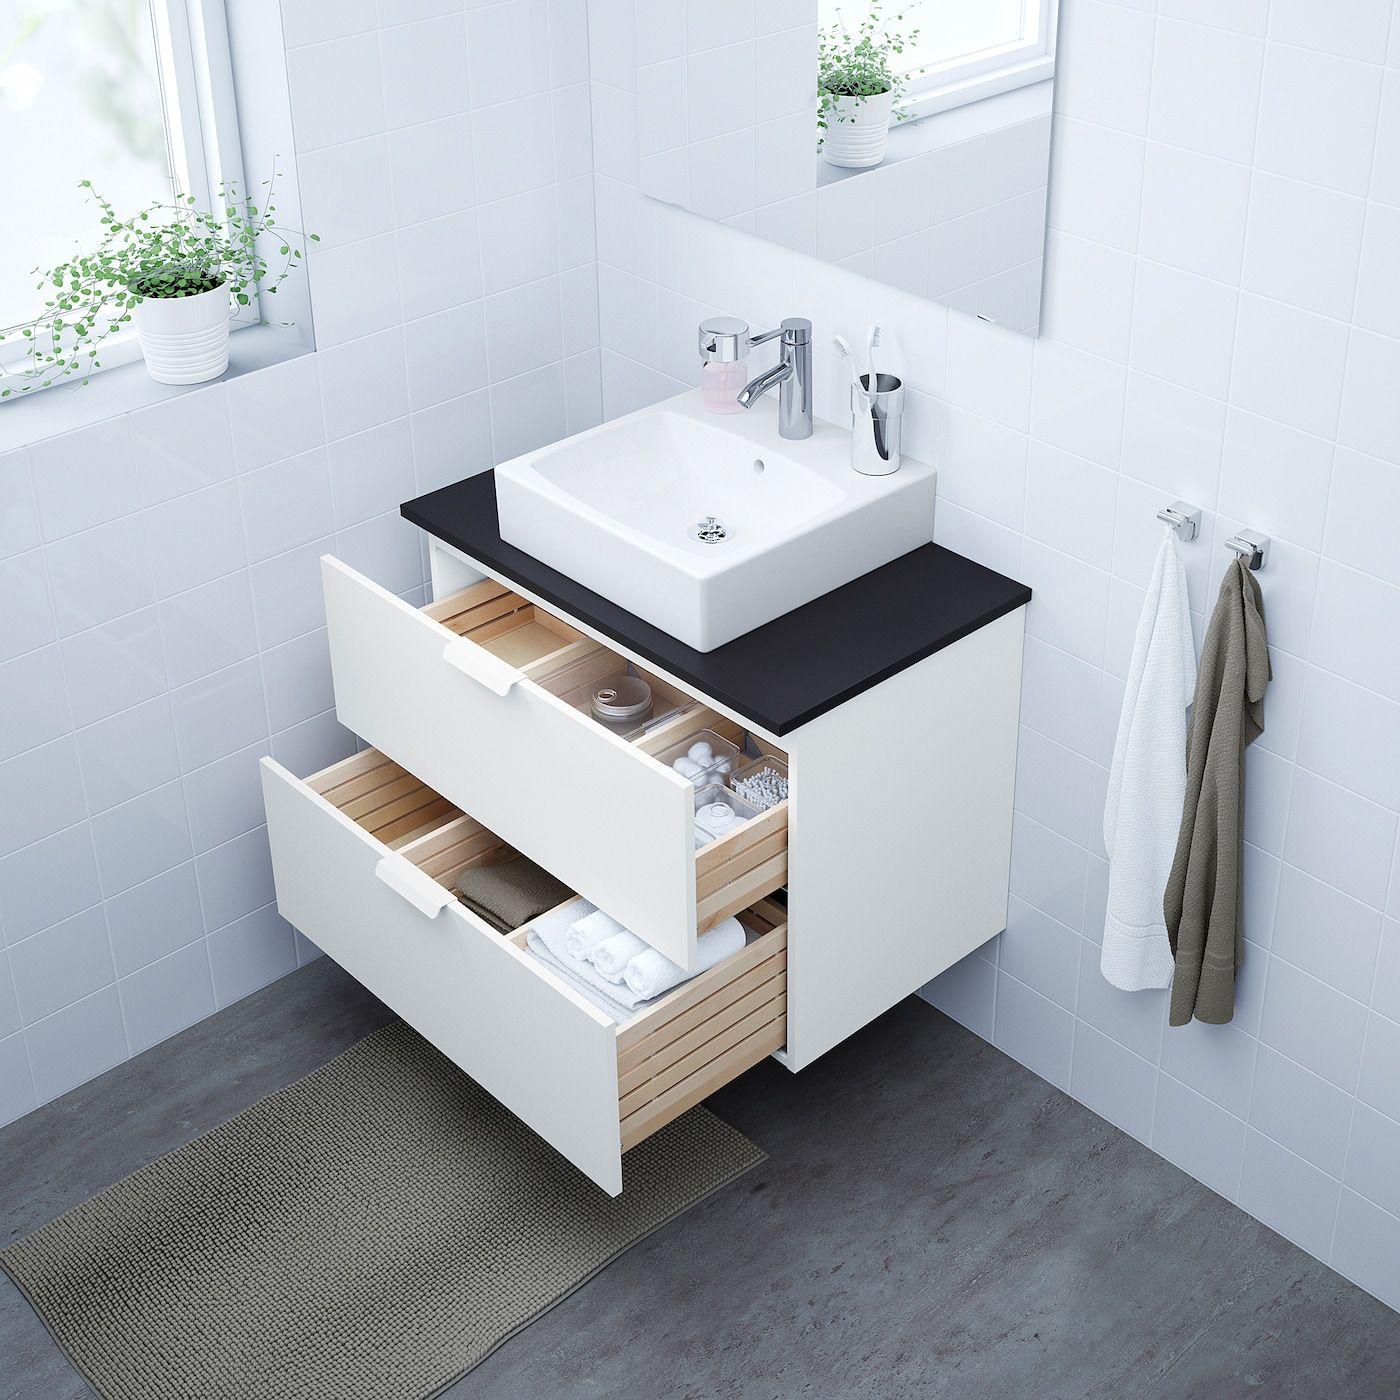 Ikea Godmorgon Tolken Tornviken White Anthracite Dalskar Faucet